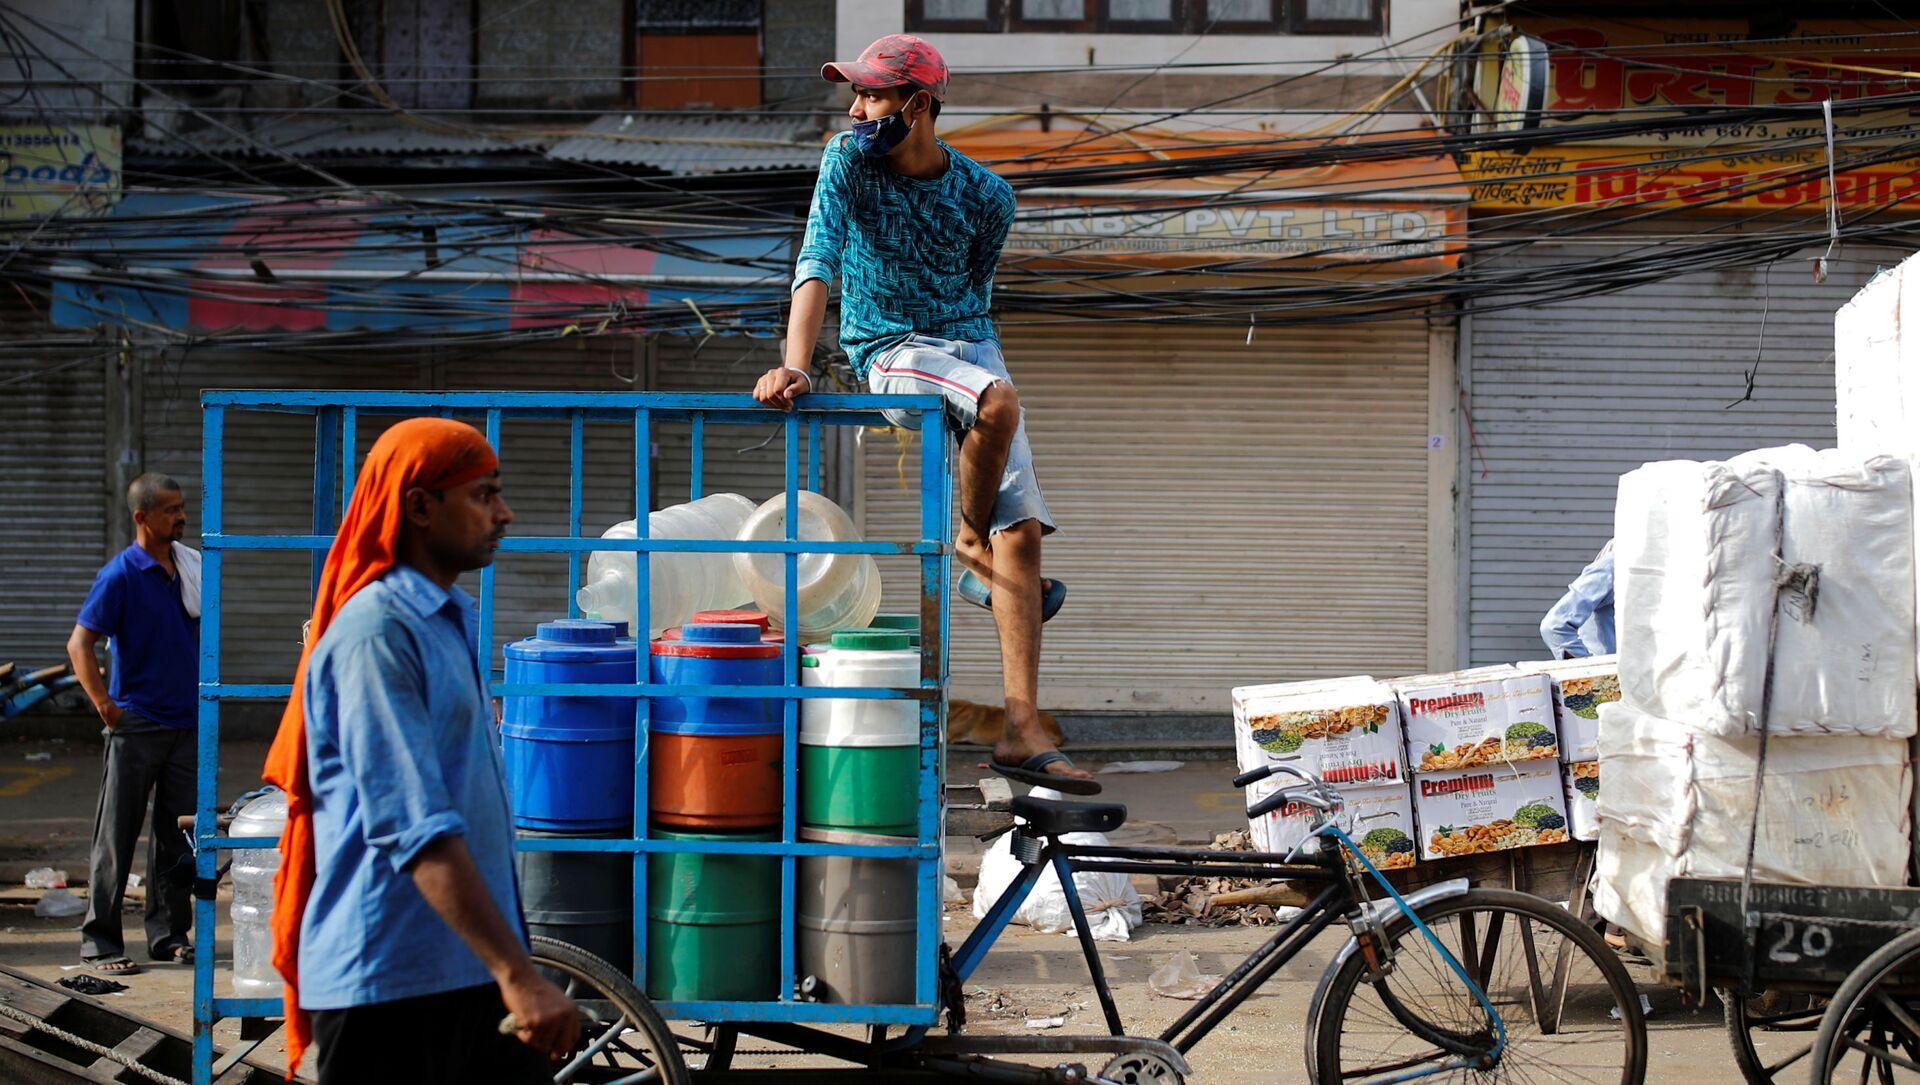 Một người đàn ông trên xe kéo trong thời gian nới lỏng kiểm dịch ở Ấn Độ. - Sputnik Việt Nam, 1920, 15.06.2021